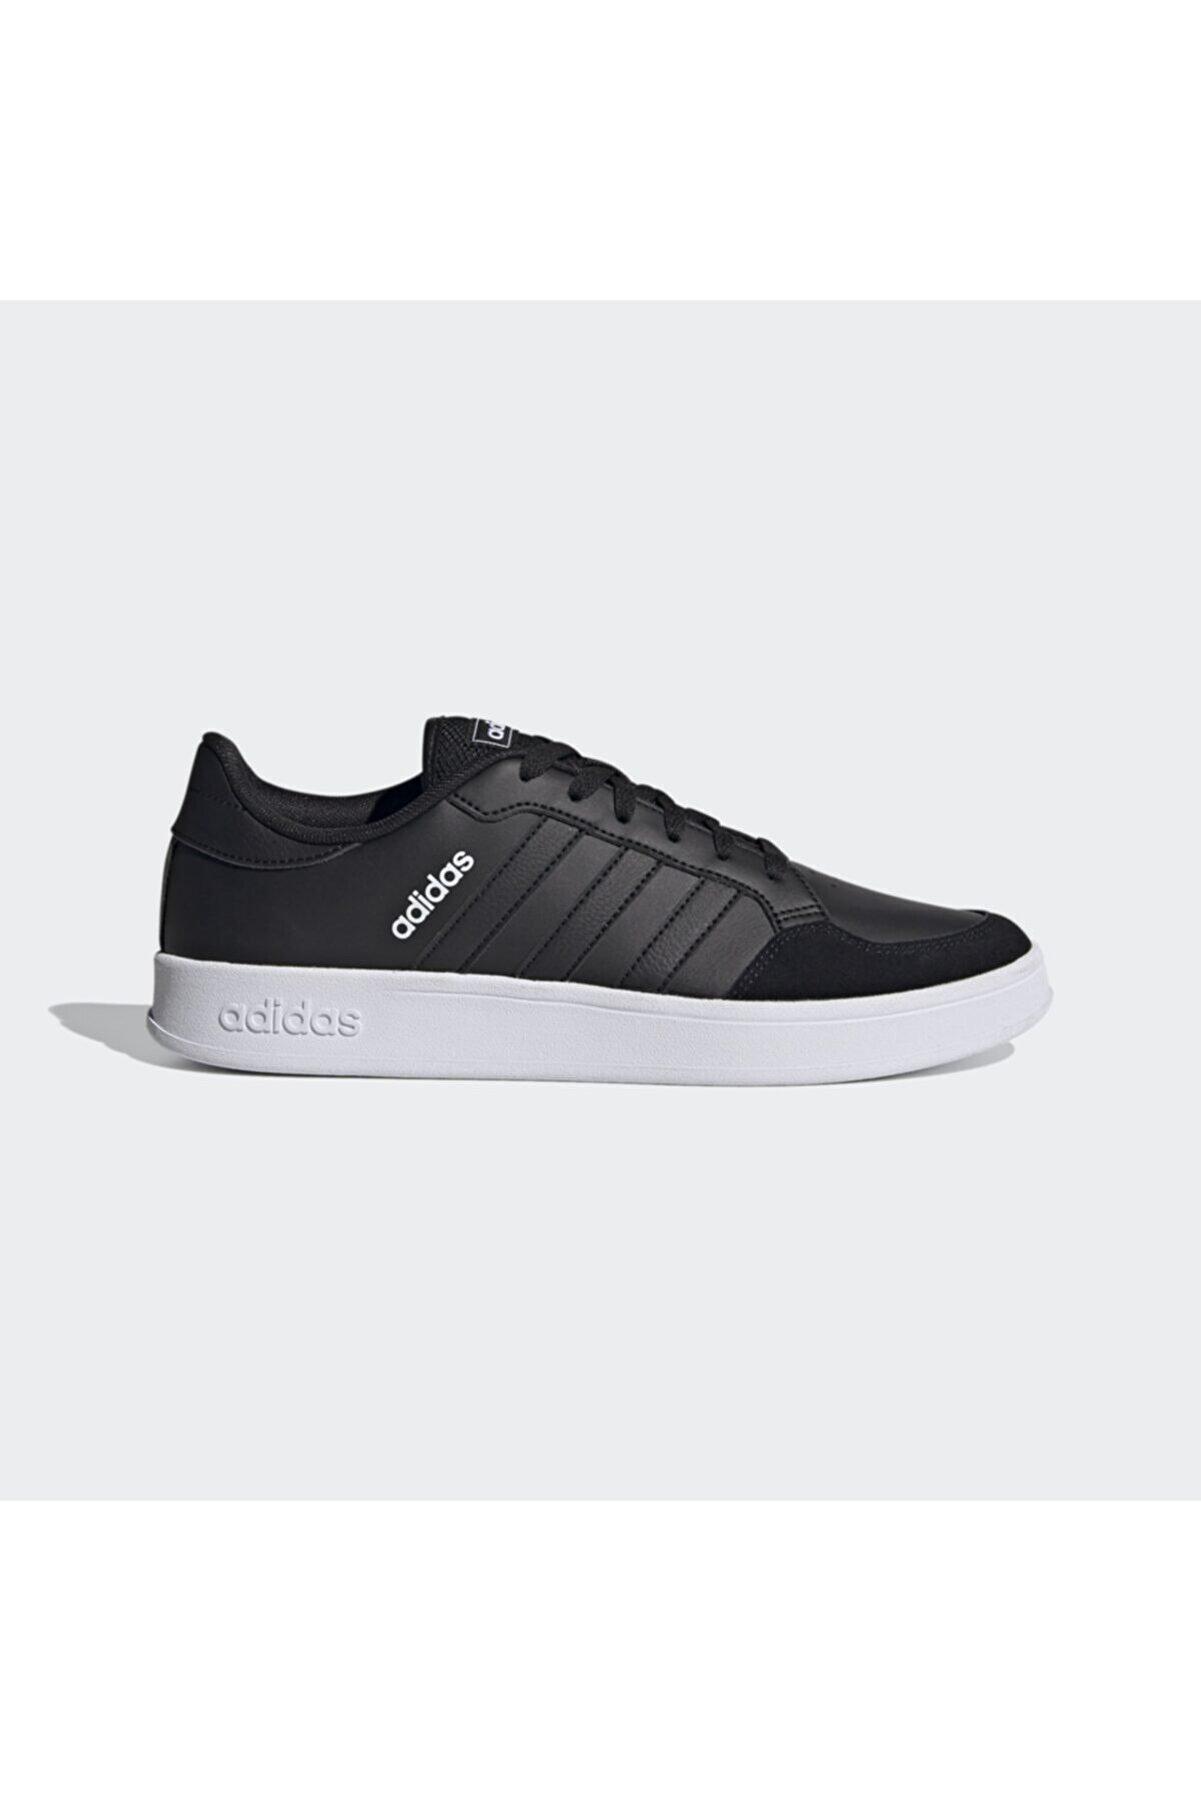 adidas Fz1840 Breaknet Günlük Sneaker Ayakkabı